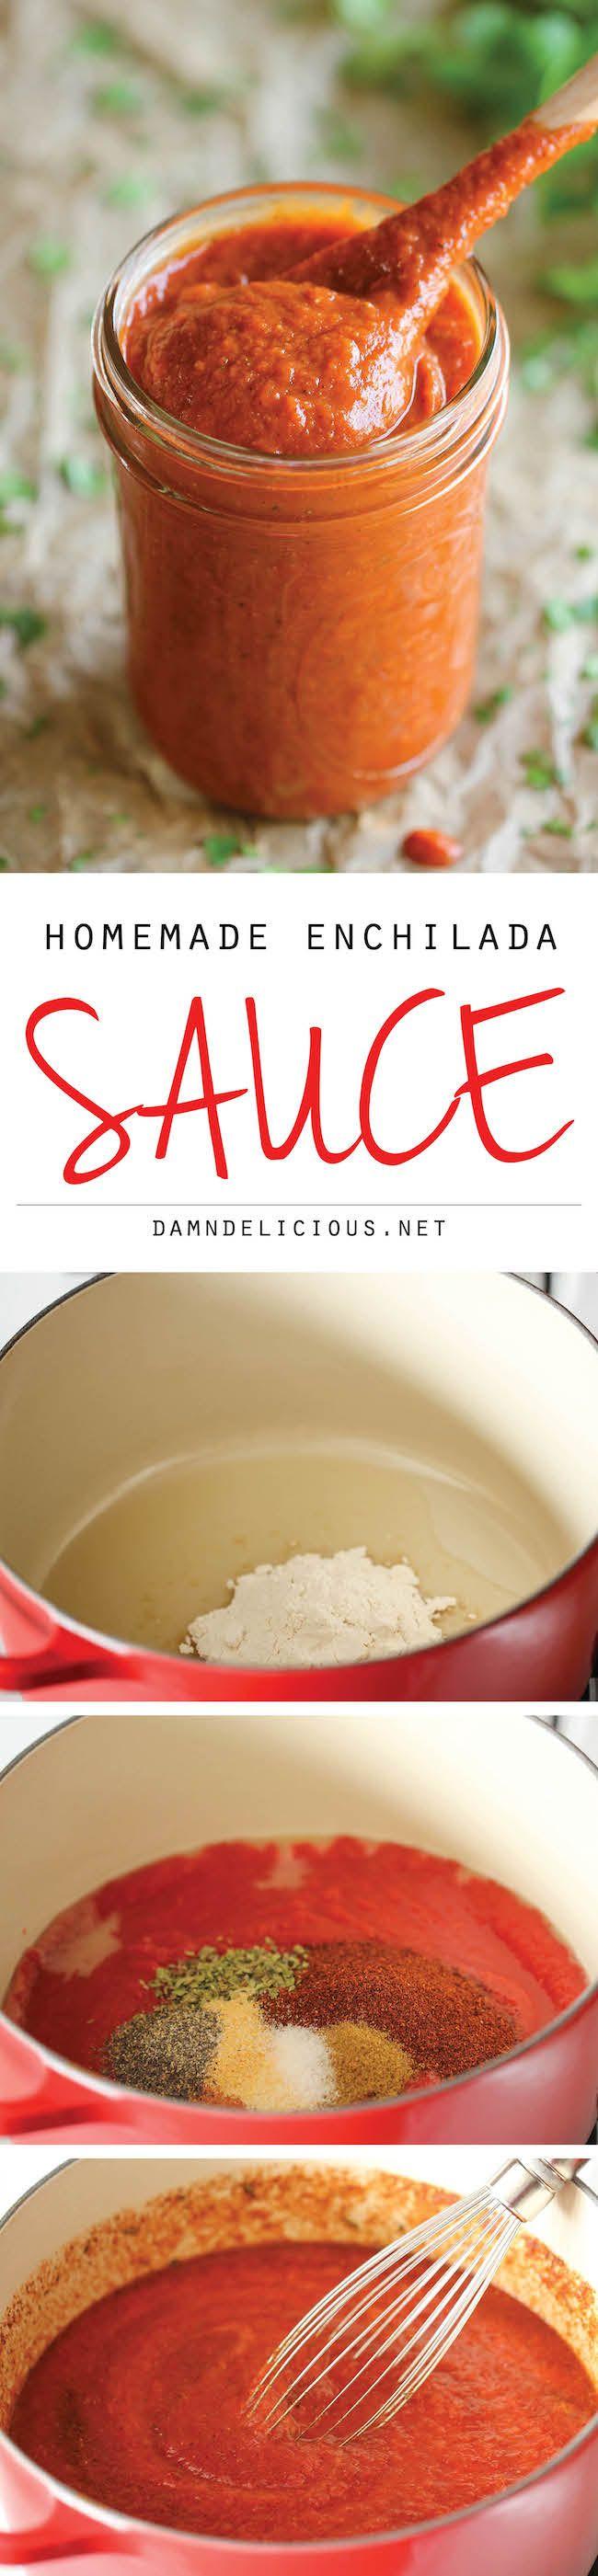 FRUTAS Y VERDURAS  1 cucharadita de ajo en polvo 1 cucharadita de polvo de cebolla 1 1/2 cucharadita de orégano, se seca 1 (28 onzas) de tomates Alimentos horneados Y especias;  1/4 taza de harina para todo uso 1 cucharada de azúcar moreno, lleno 2 2/3 cucharadas de chile en polvo 1 sal kosher y pimienta recién molida negro Aceites ;  1/4 taza de aceite vegetal   Comino 1 cucharadita